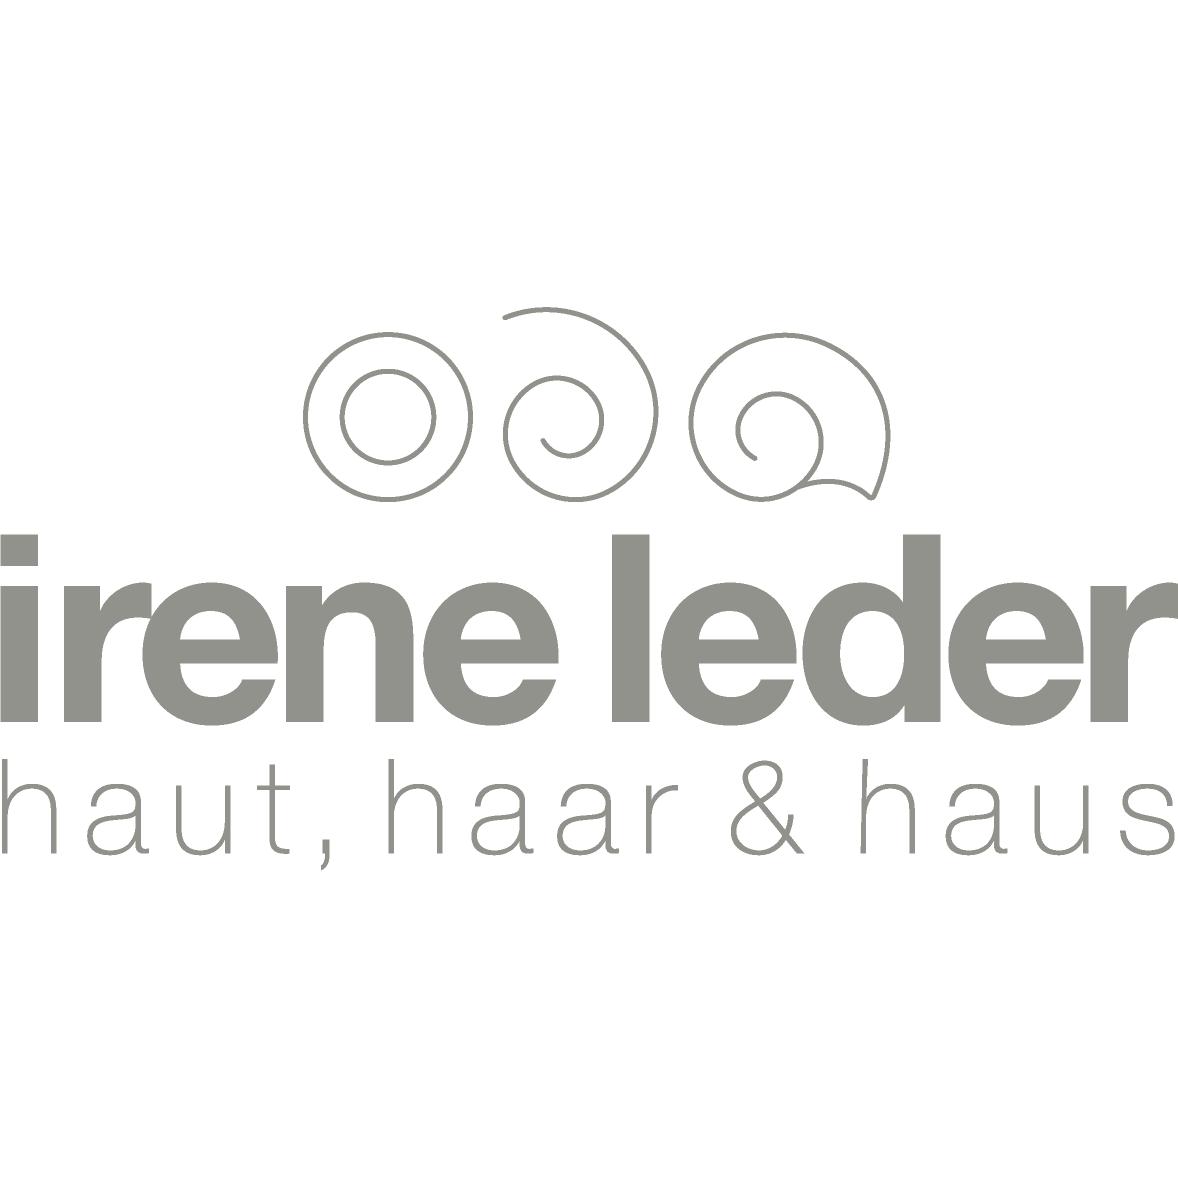 Gemutliche Dachwohnung In Station Siggenthal Irene Leder